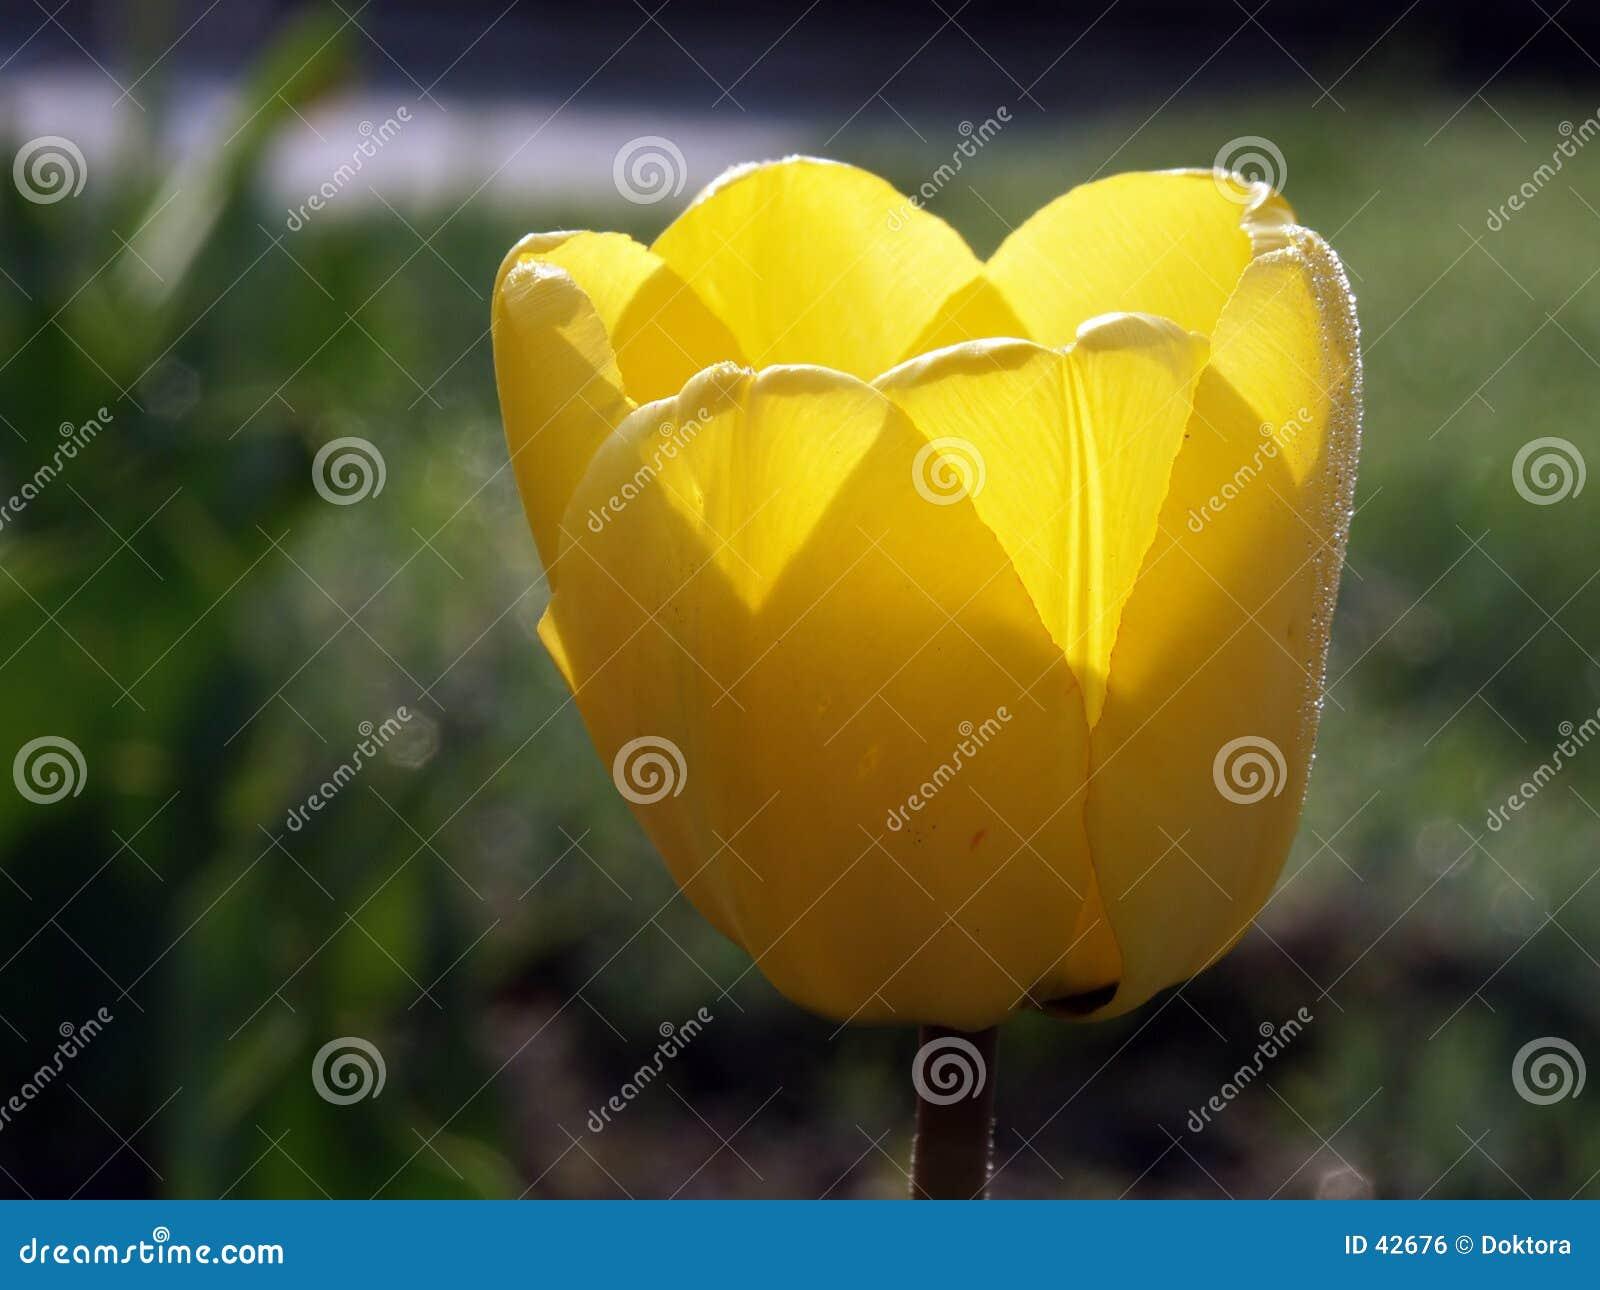 Download Tulipán amarillo #01 foto de archivo. Imagen de floración - 42676